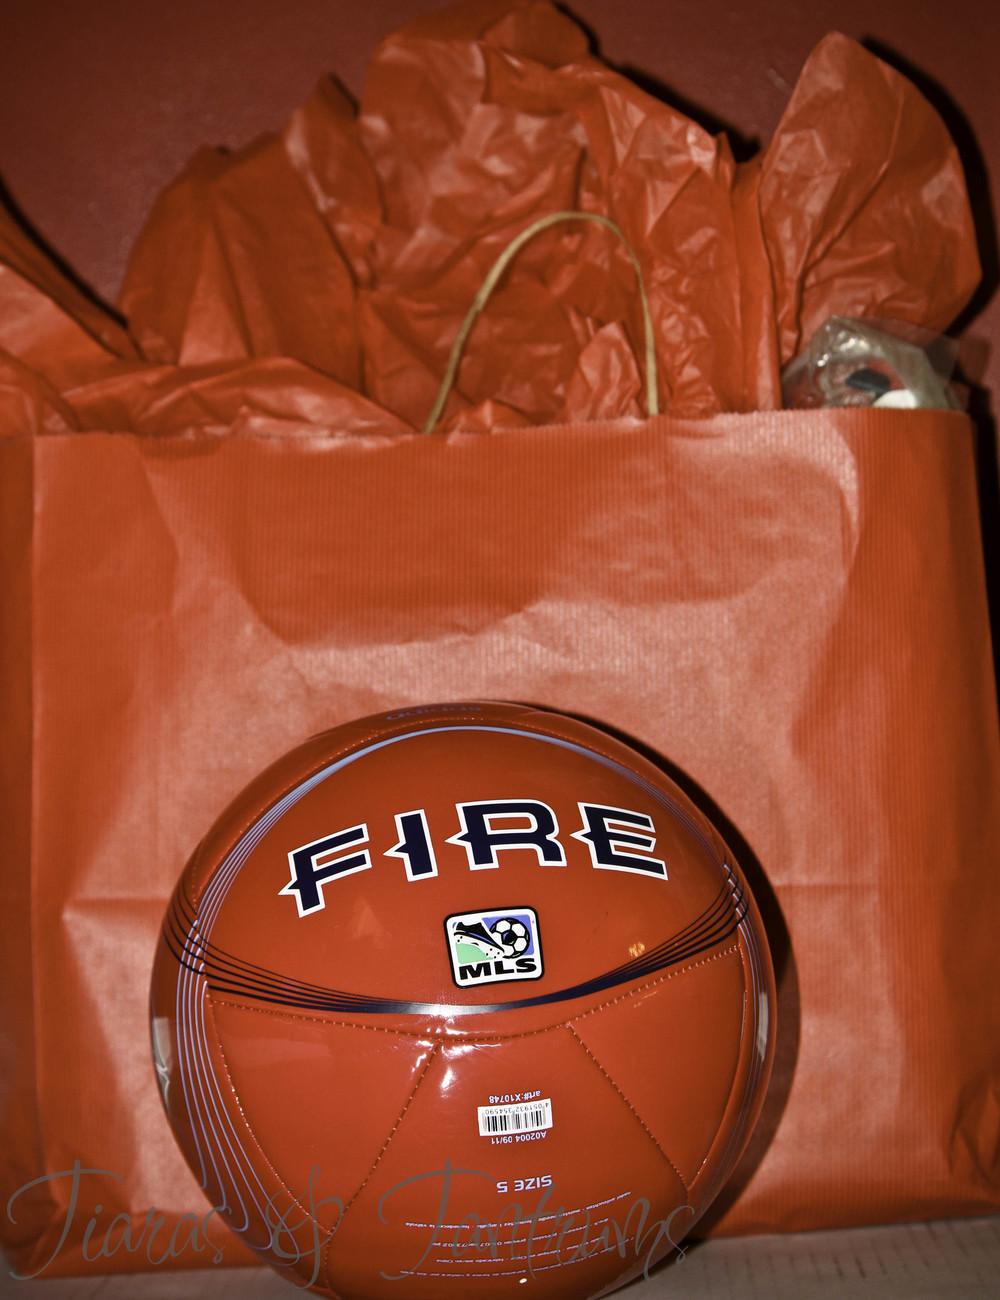 FIRE-8.JPG